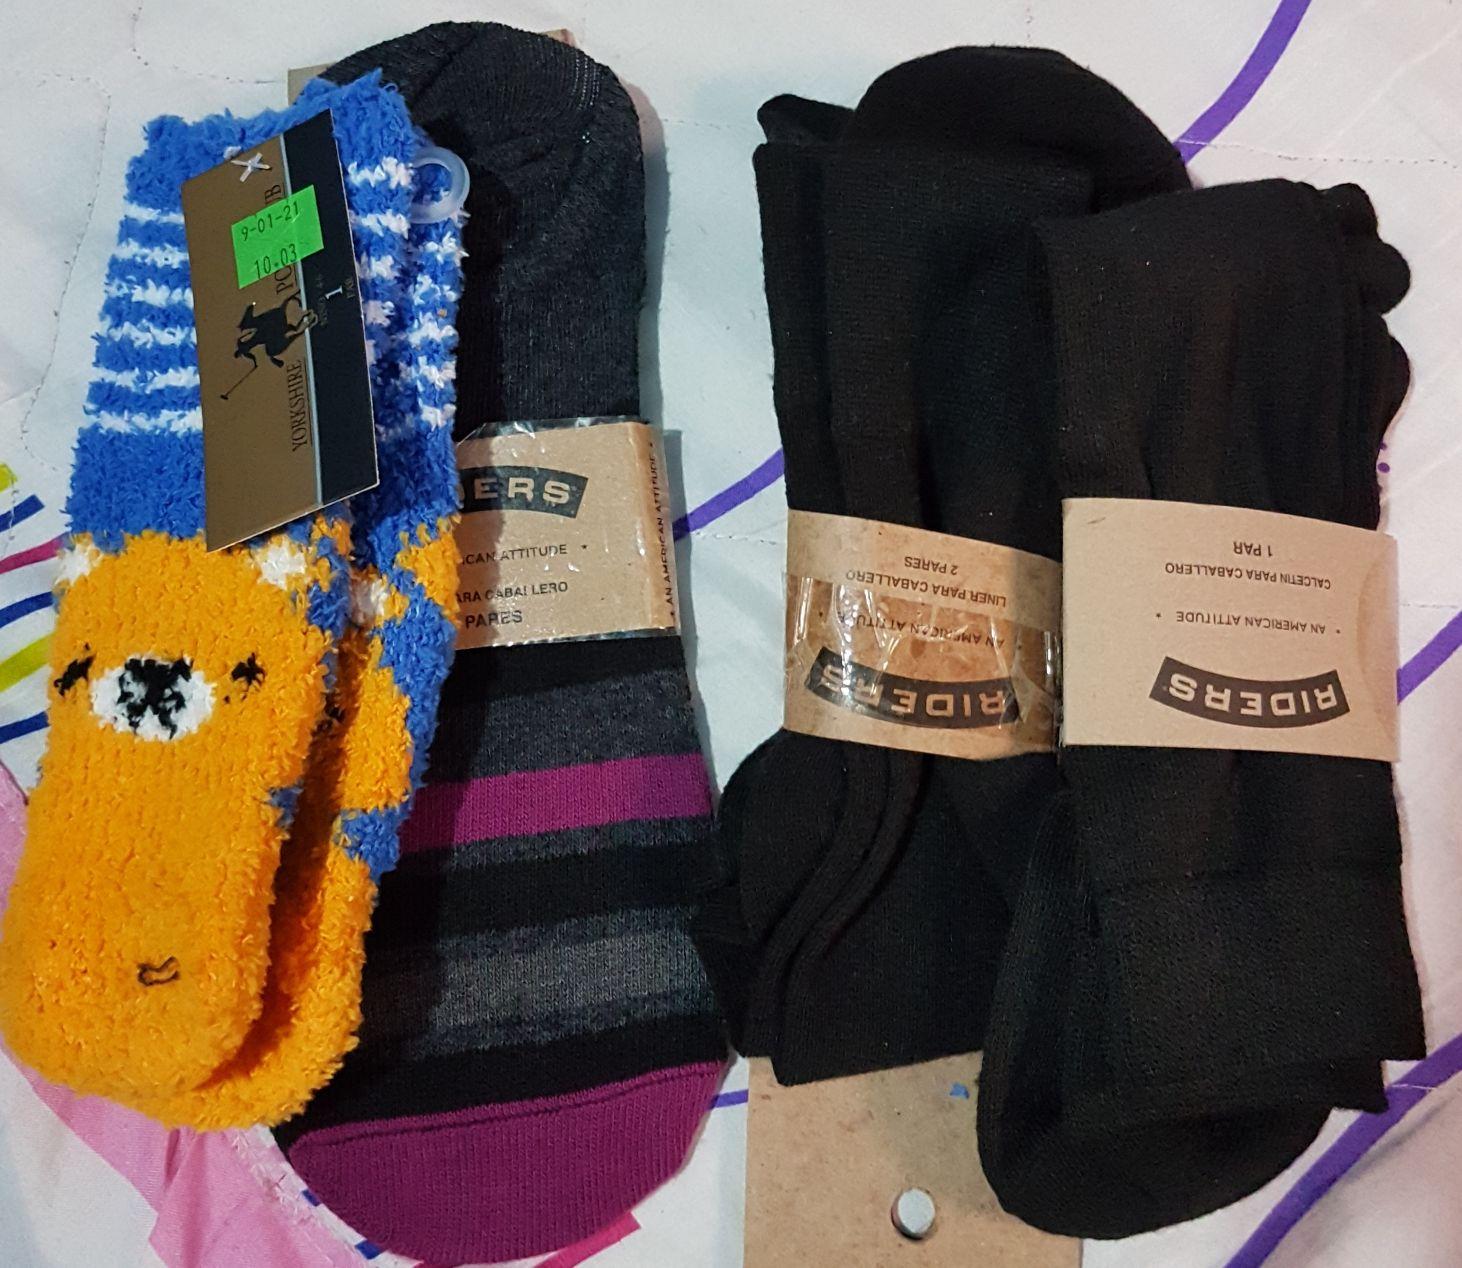 WALMART MACROPLAZA SLP. Tines, calcetín y calcetas